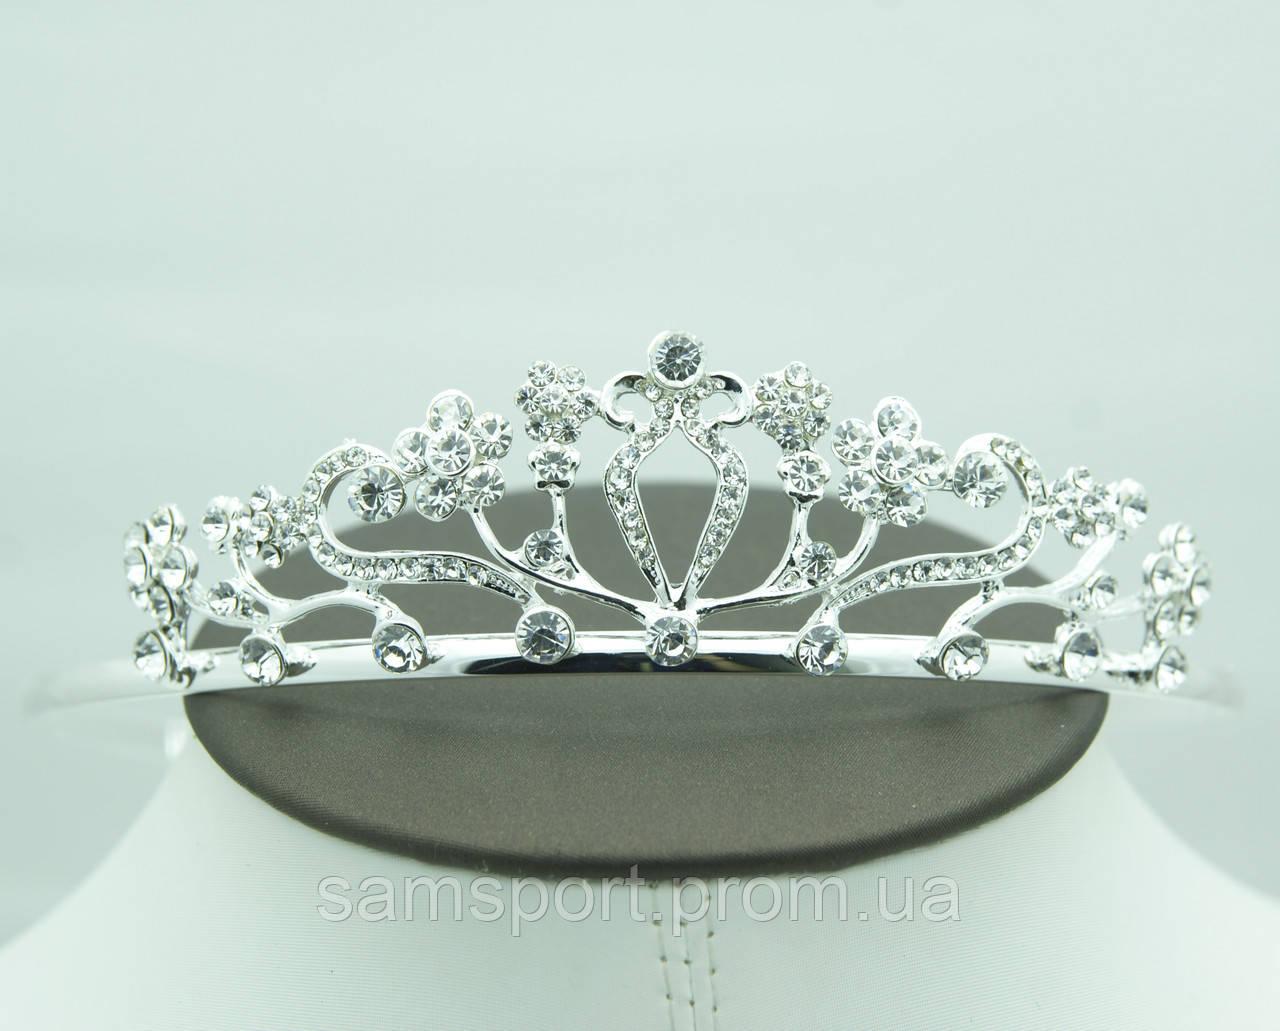 Фигурные диадемы с кристаллами для невест. Королевские украшения от Бижутерии оптом RRR. 48